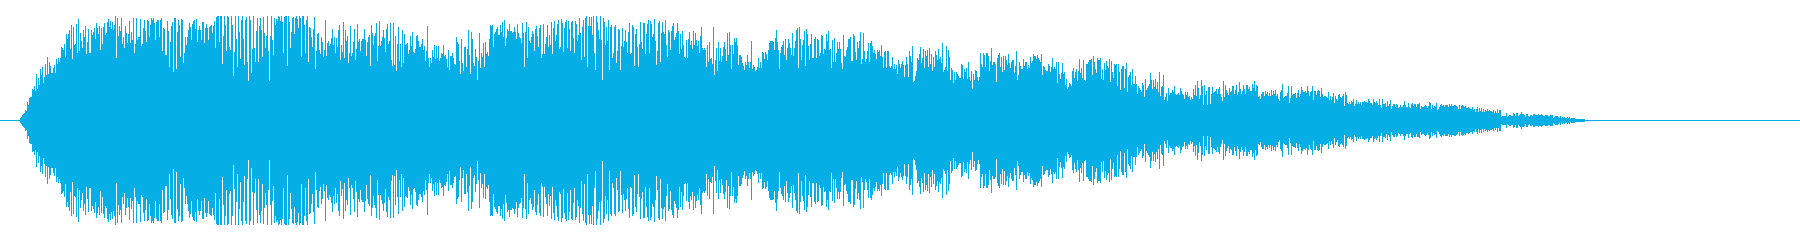 ショートジングル風の再生済みの波形